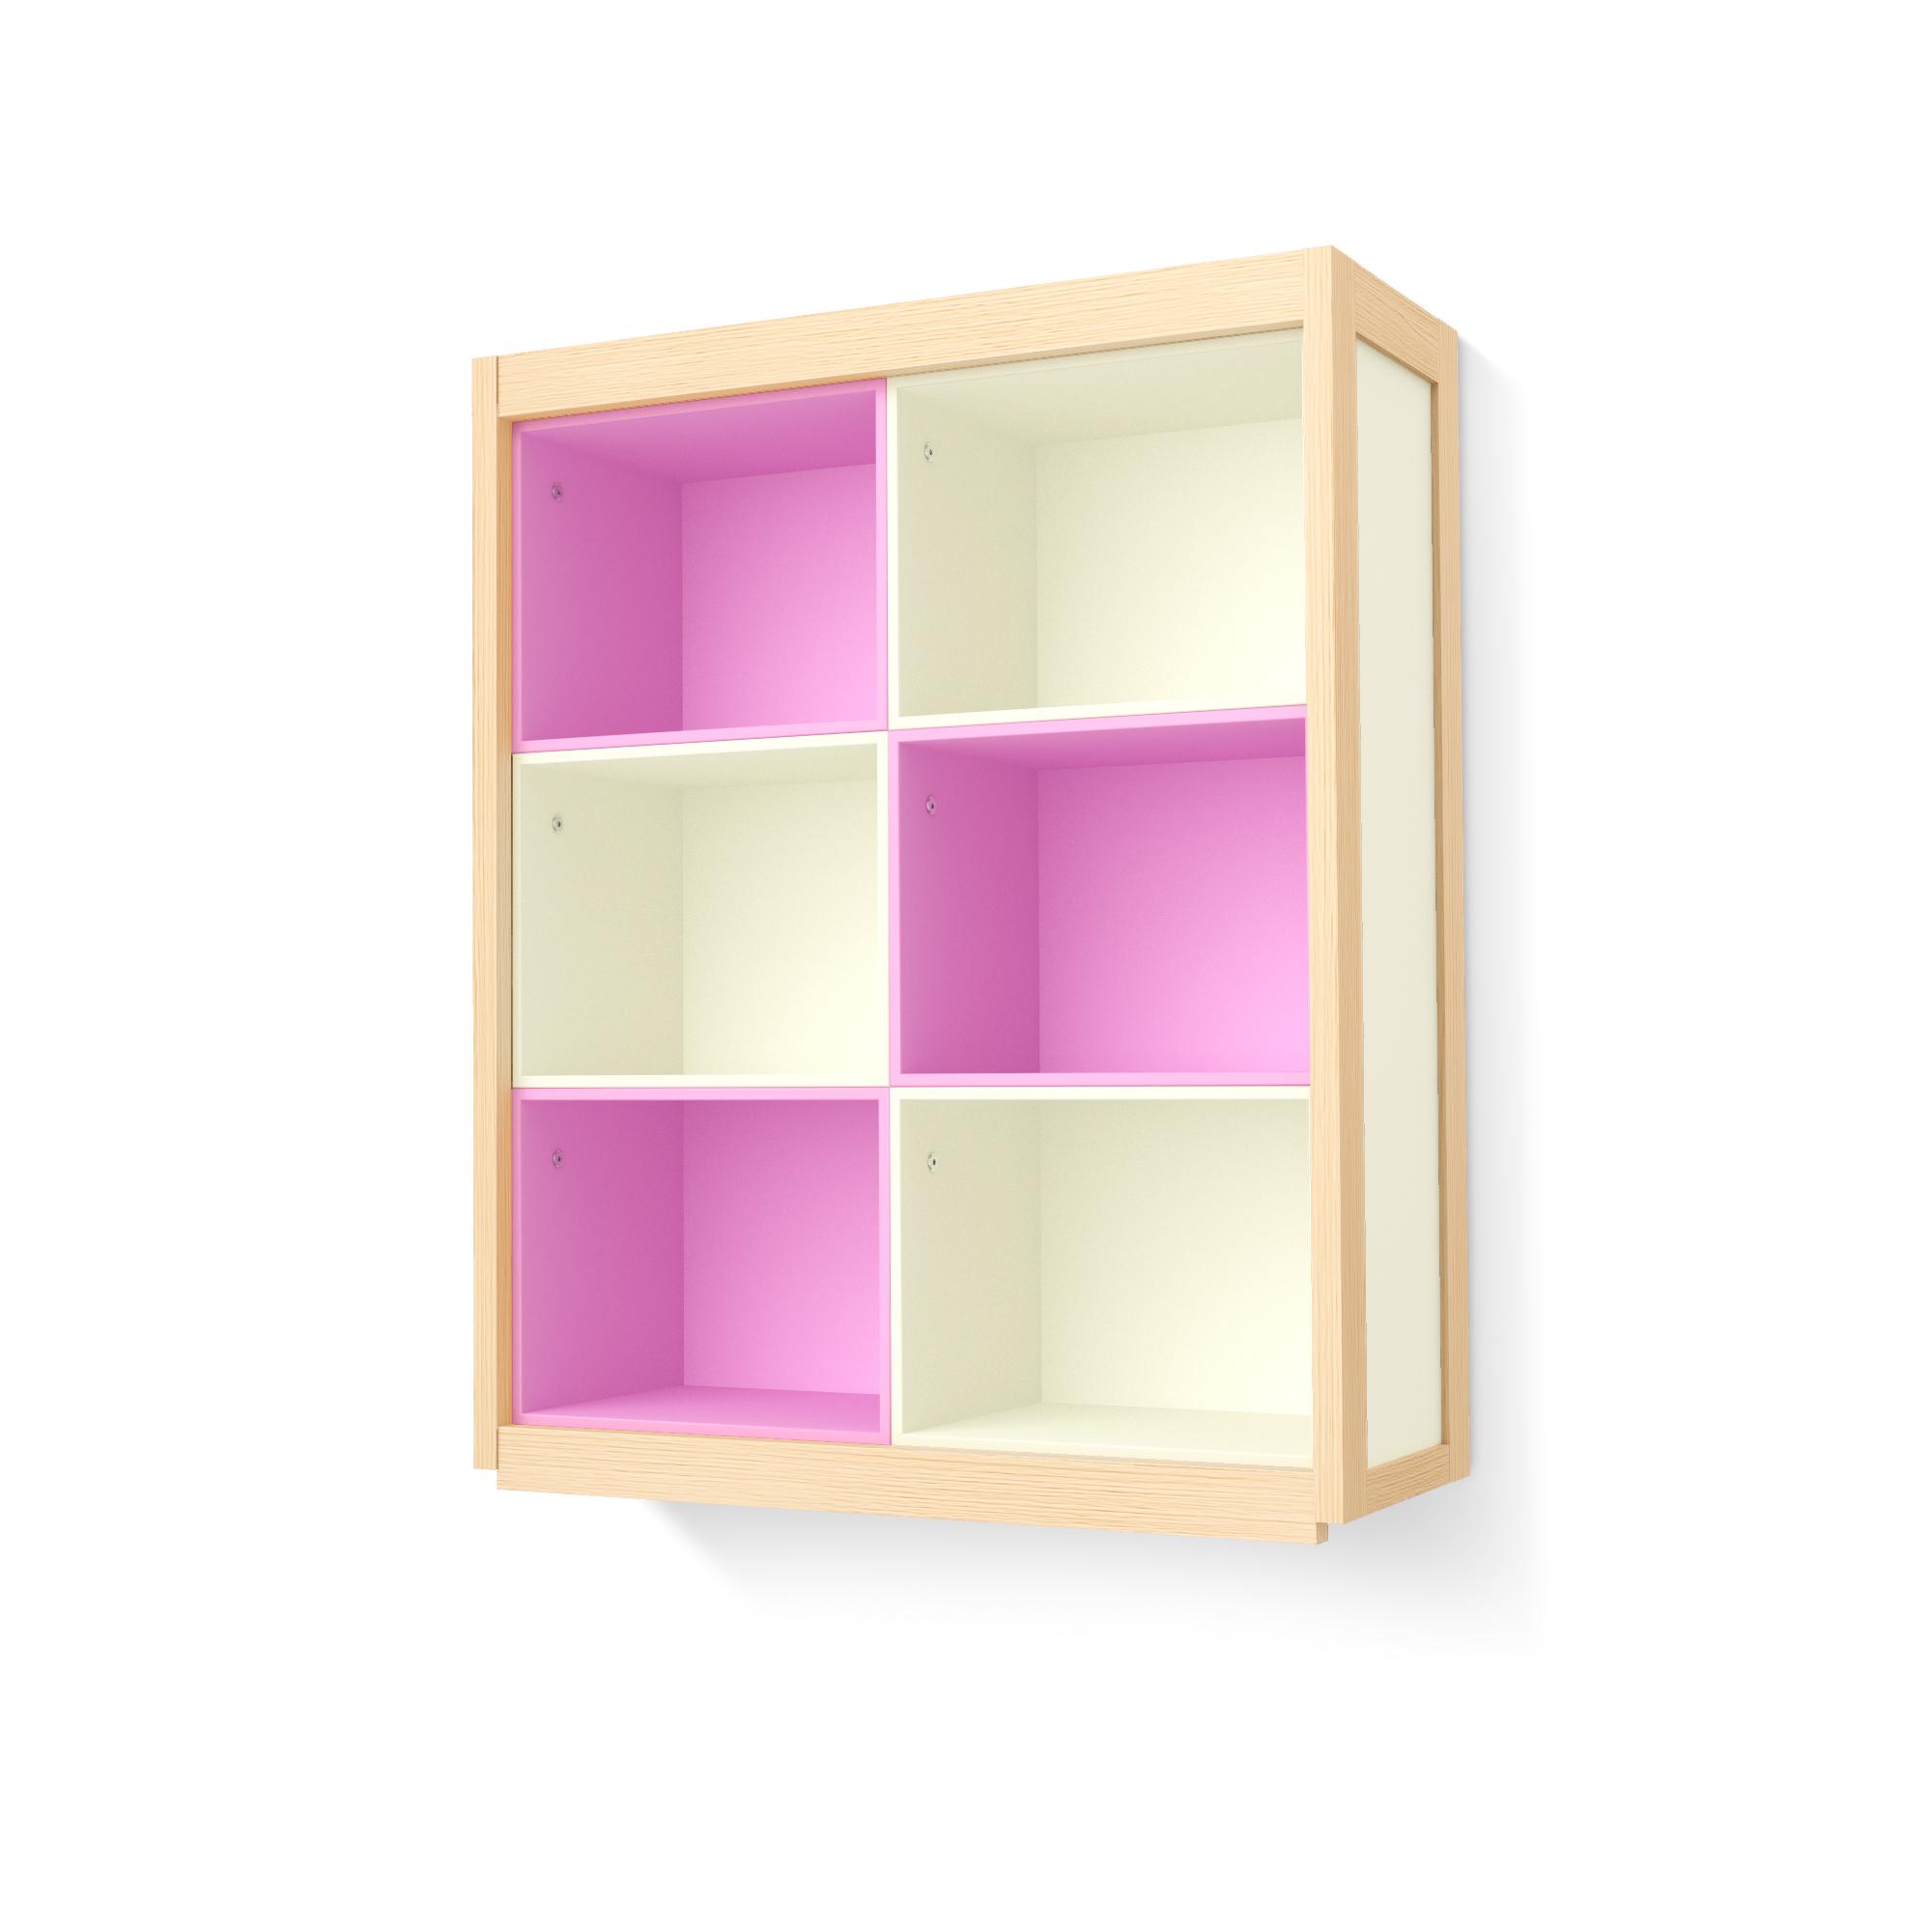 Buchregal Simple Pink von Timoore